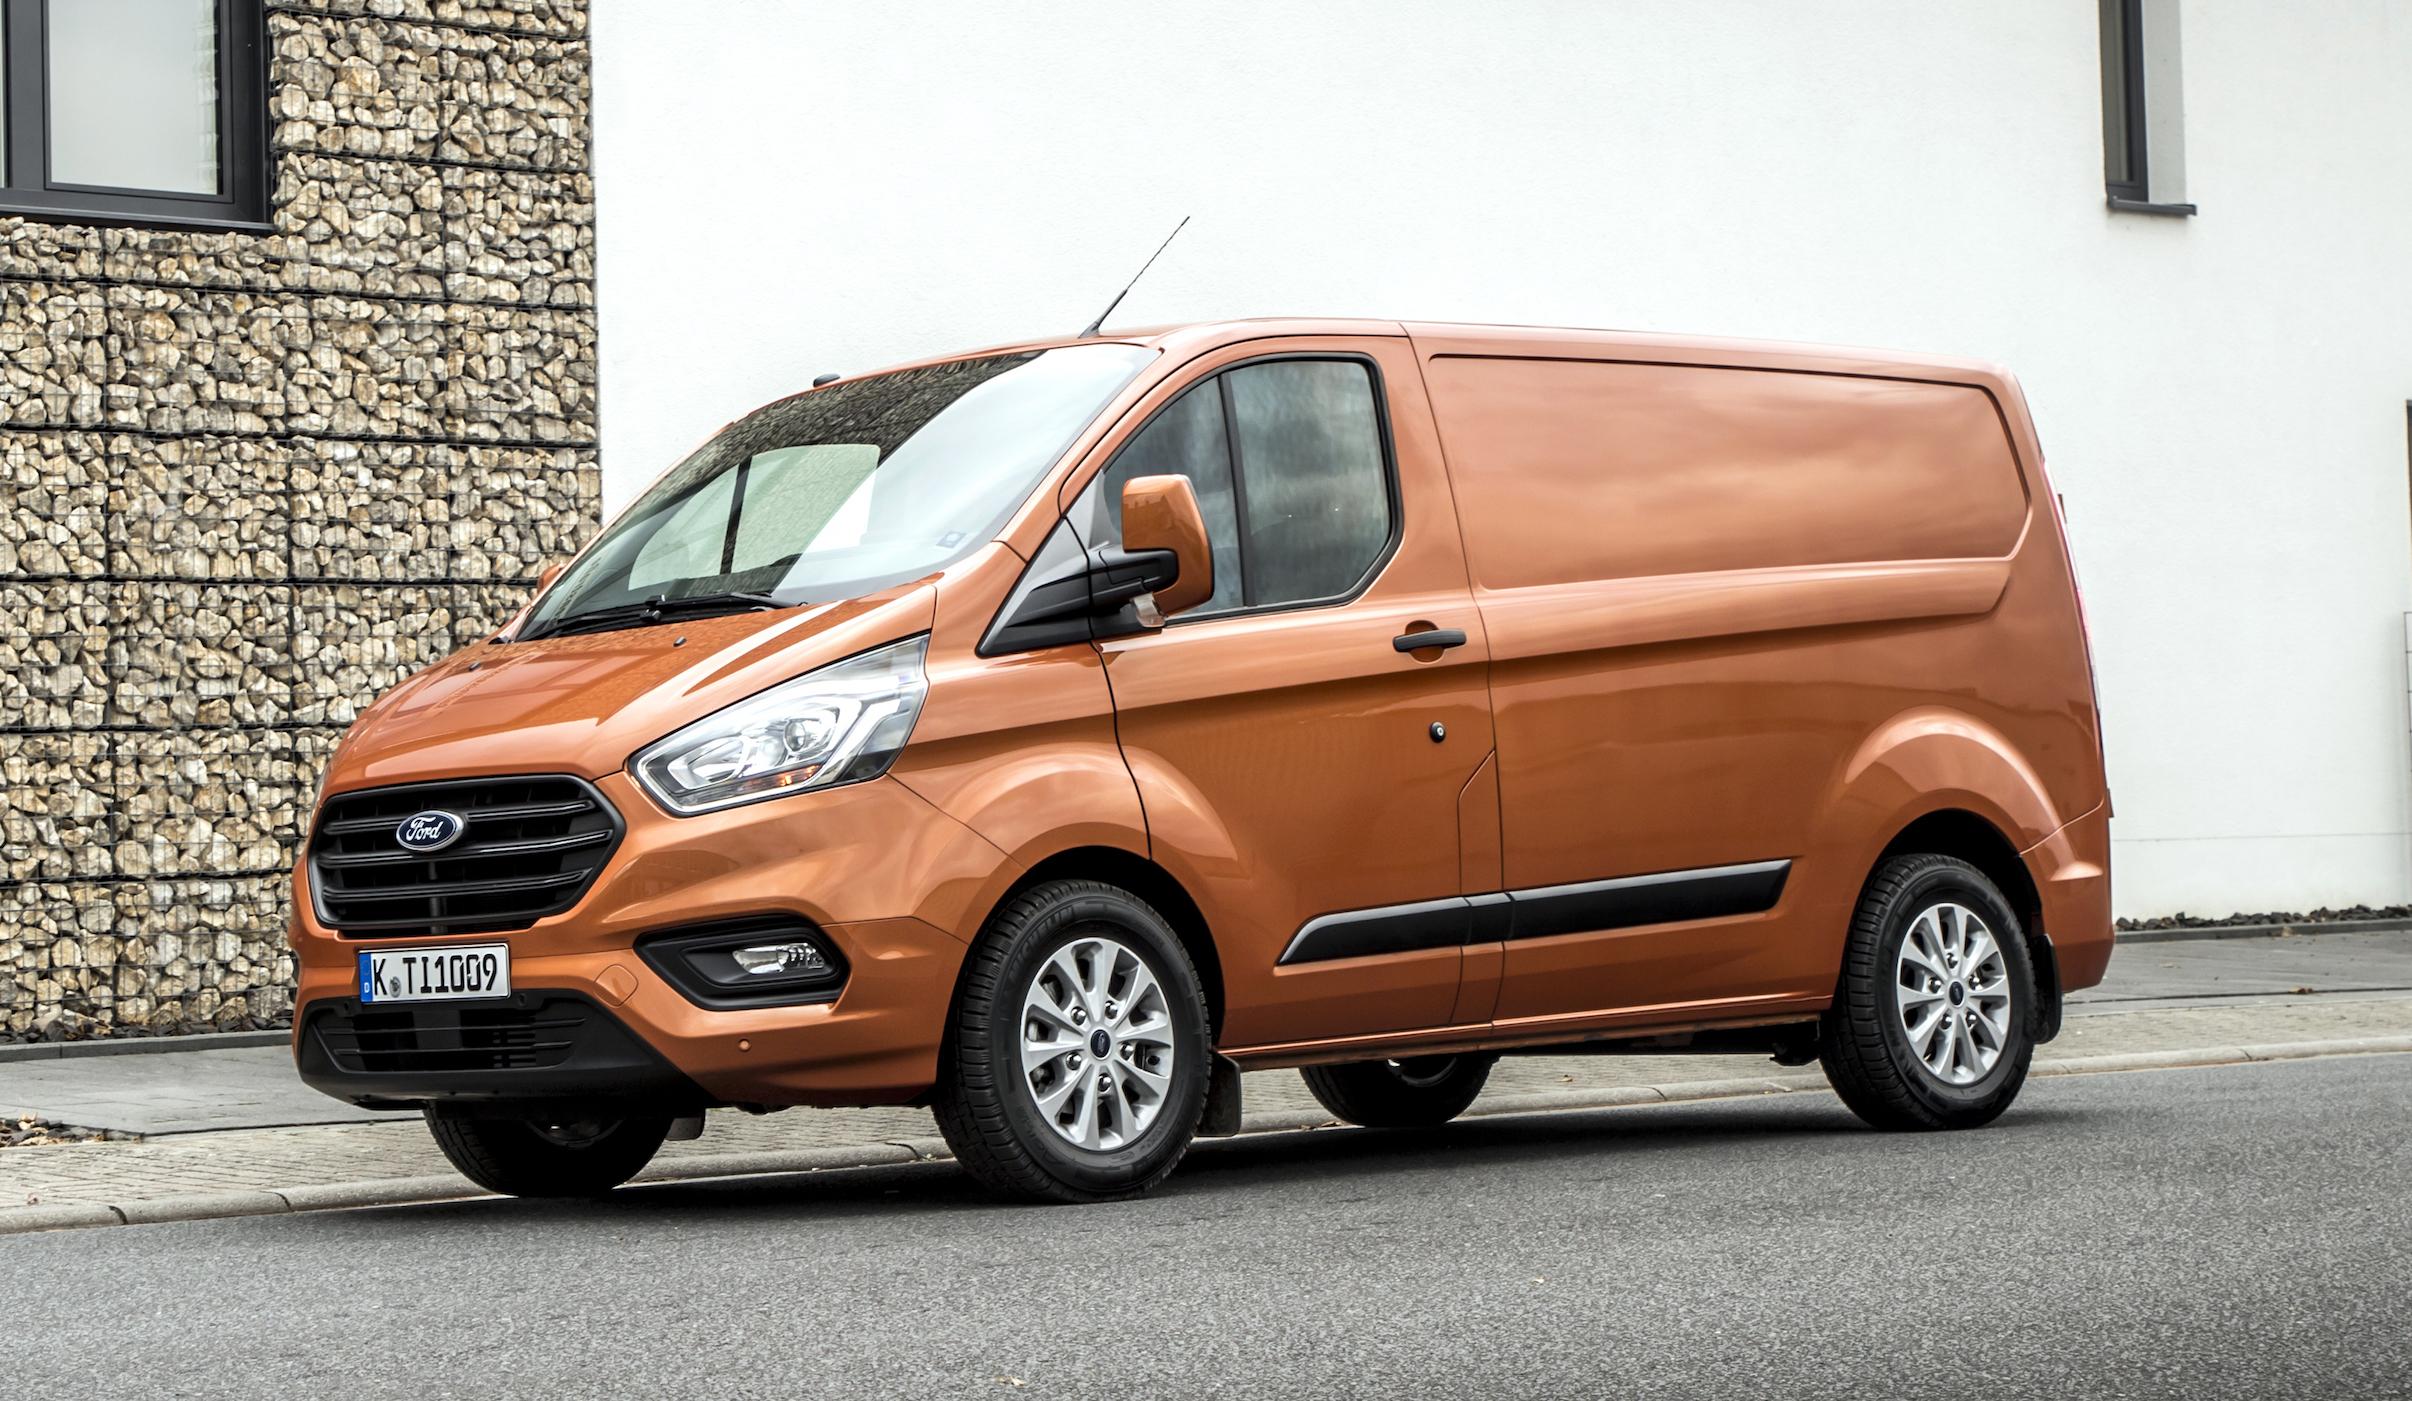 A European-spec Ford Transit Custom, a midsize commercial van